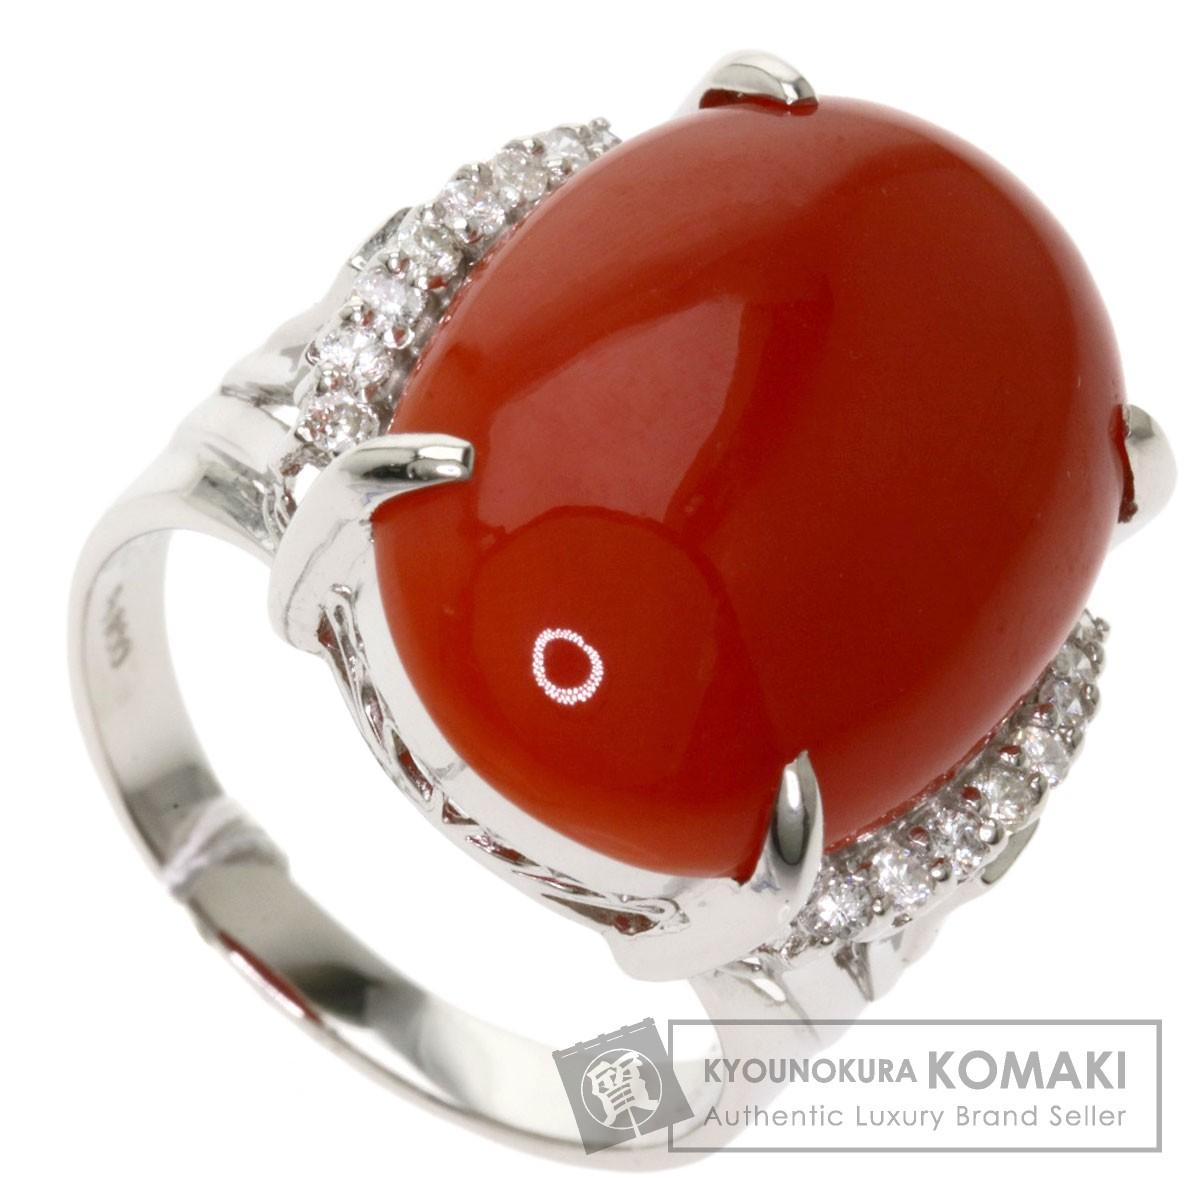 サンゴ 珊瑚 ダイヤモンド リング・指輪 プラチナPT900 レディース 【中古】